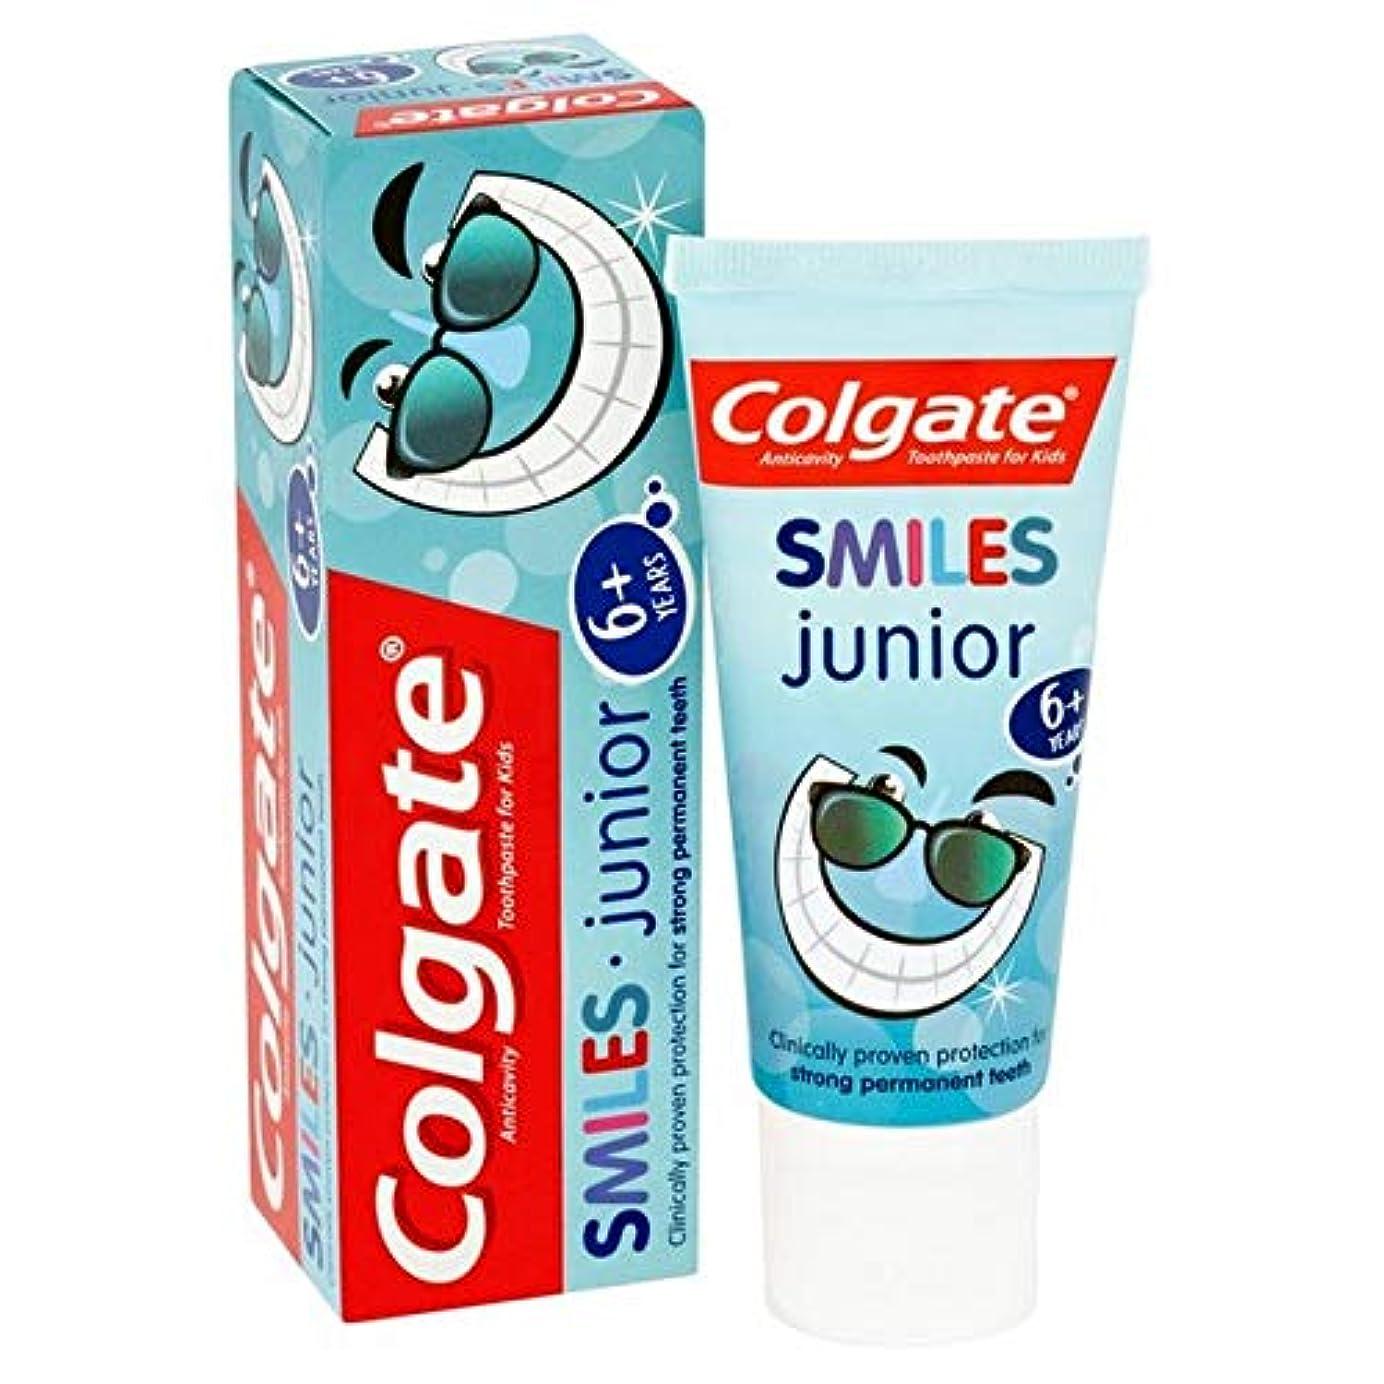 子羊キャンセルショット[Colgate ] コルゲートは、ジュニア6+年の歯磨き粉50ミリリットルを笑顔 - Colgate Smiles Junior 6+ years Toothpaste 50ml [並行輸入品]